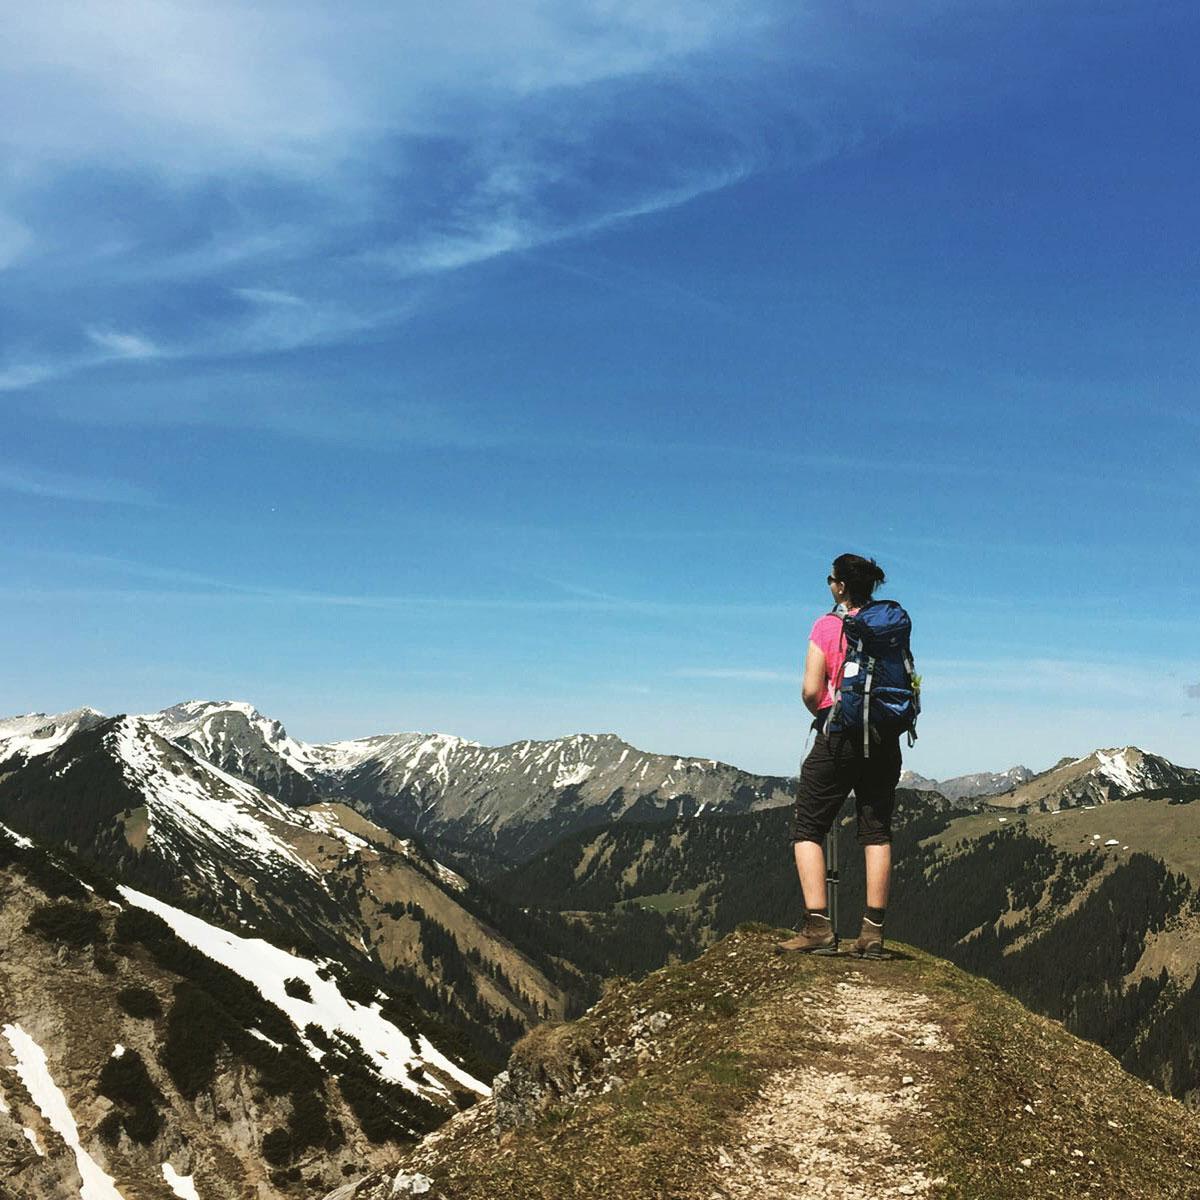 bea-froehlich-Kramerspitze-wandertour-wandern